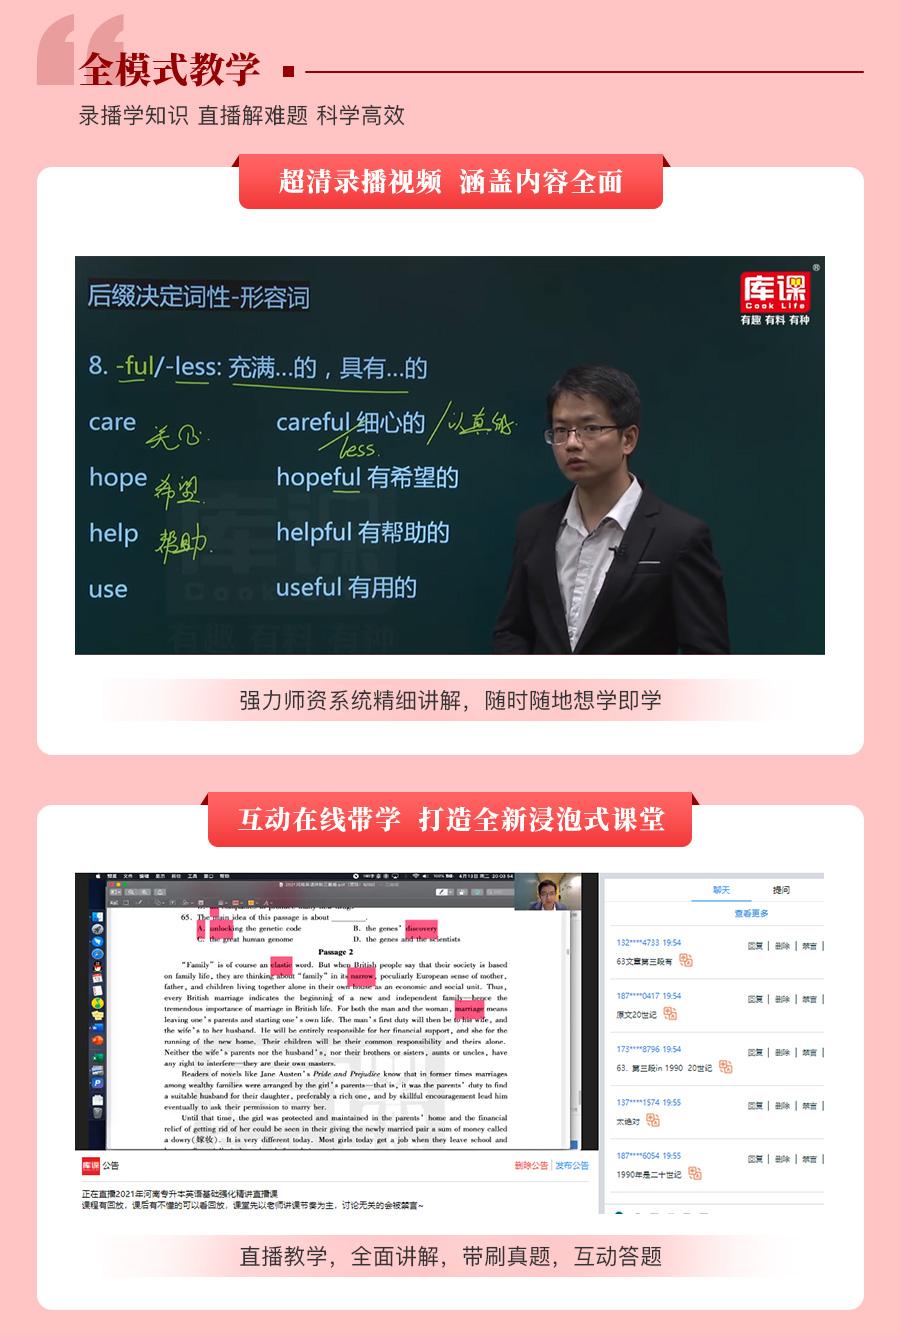 江西-vip-英语+信息技术+政治_04.jpg